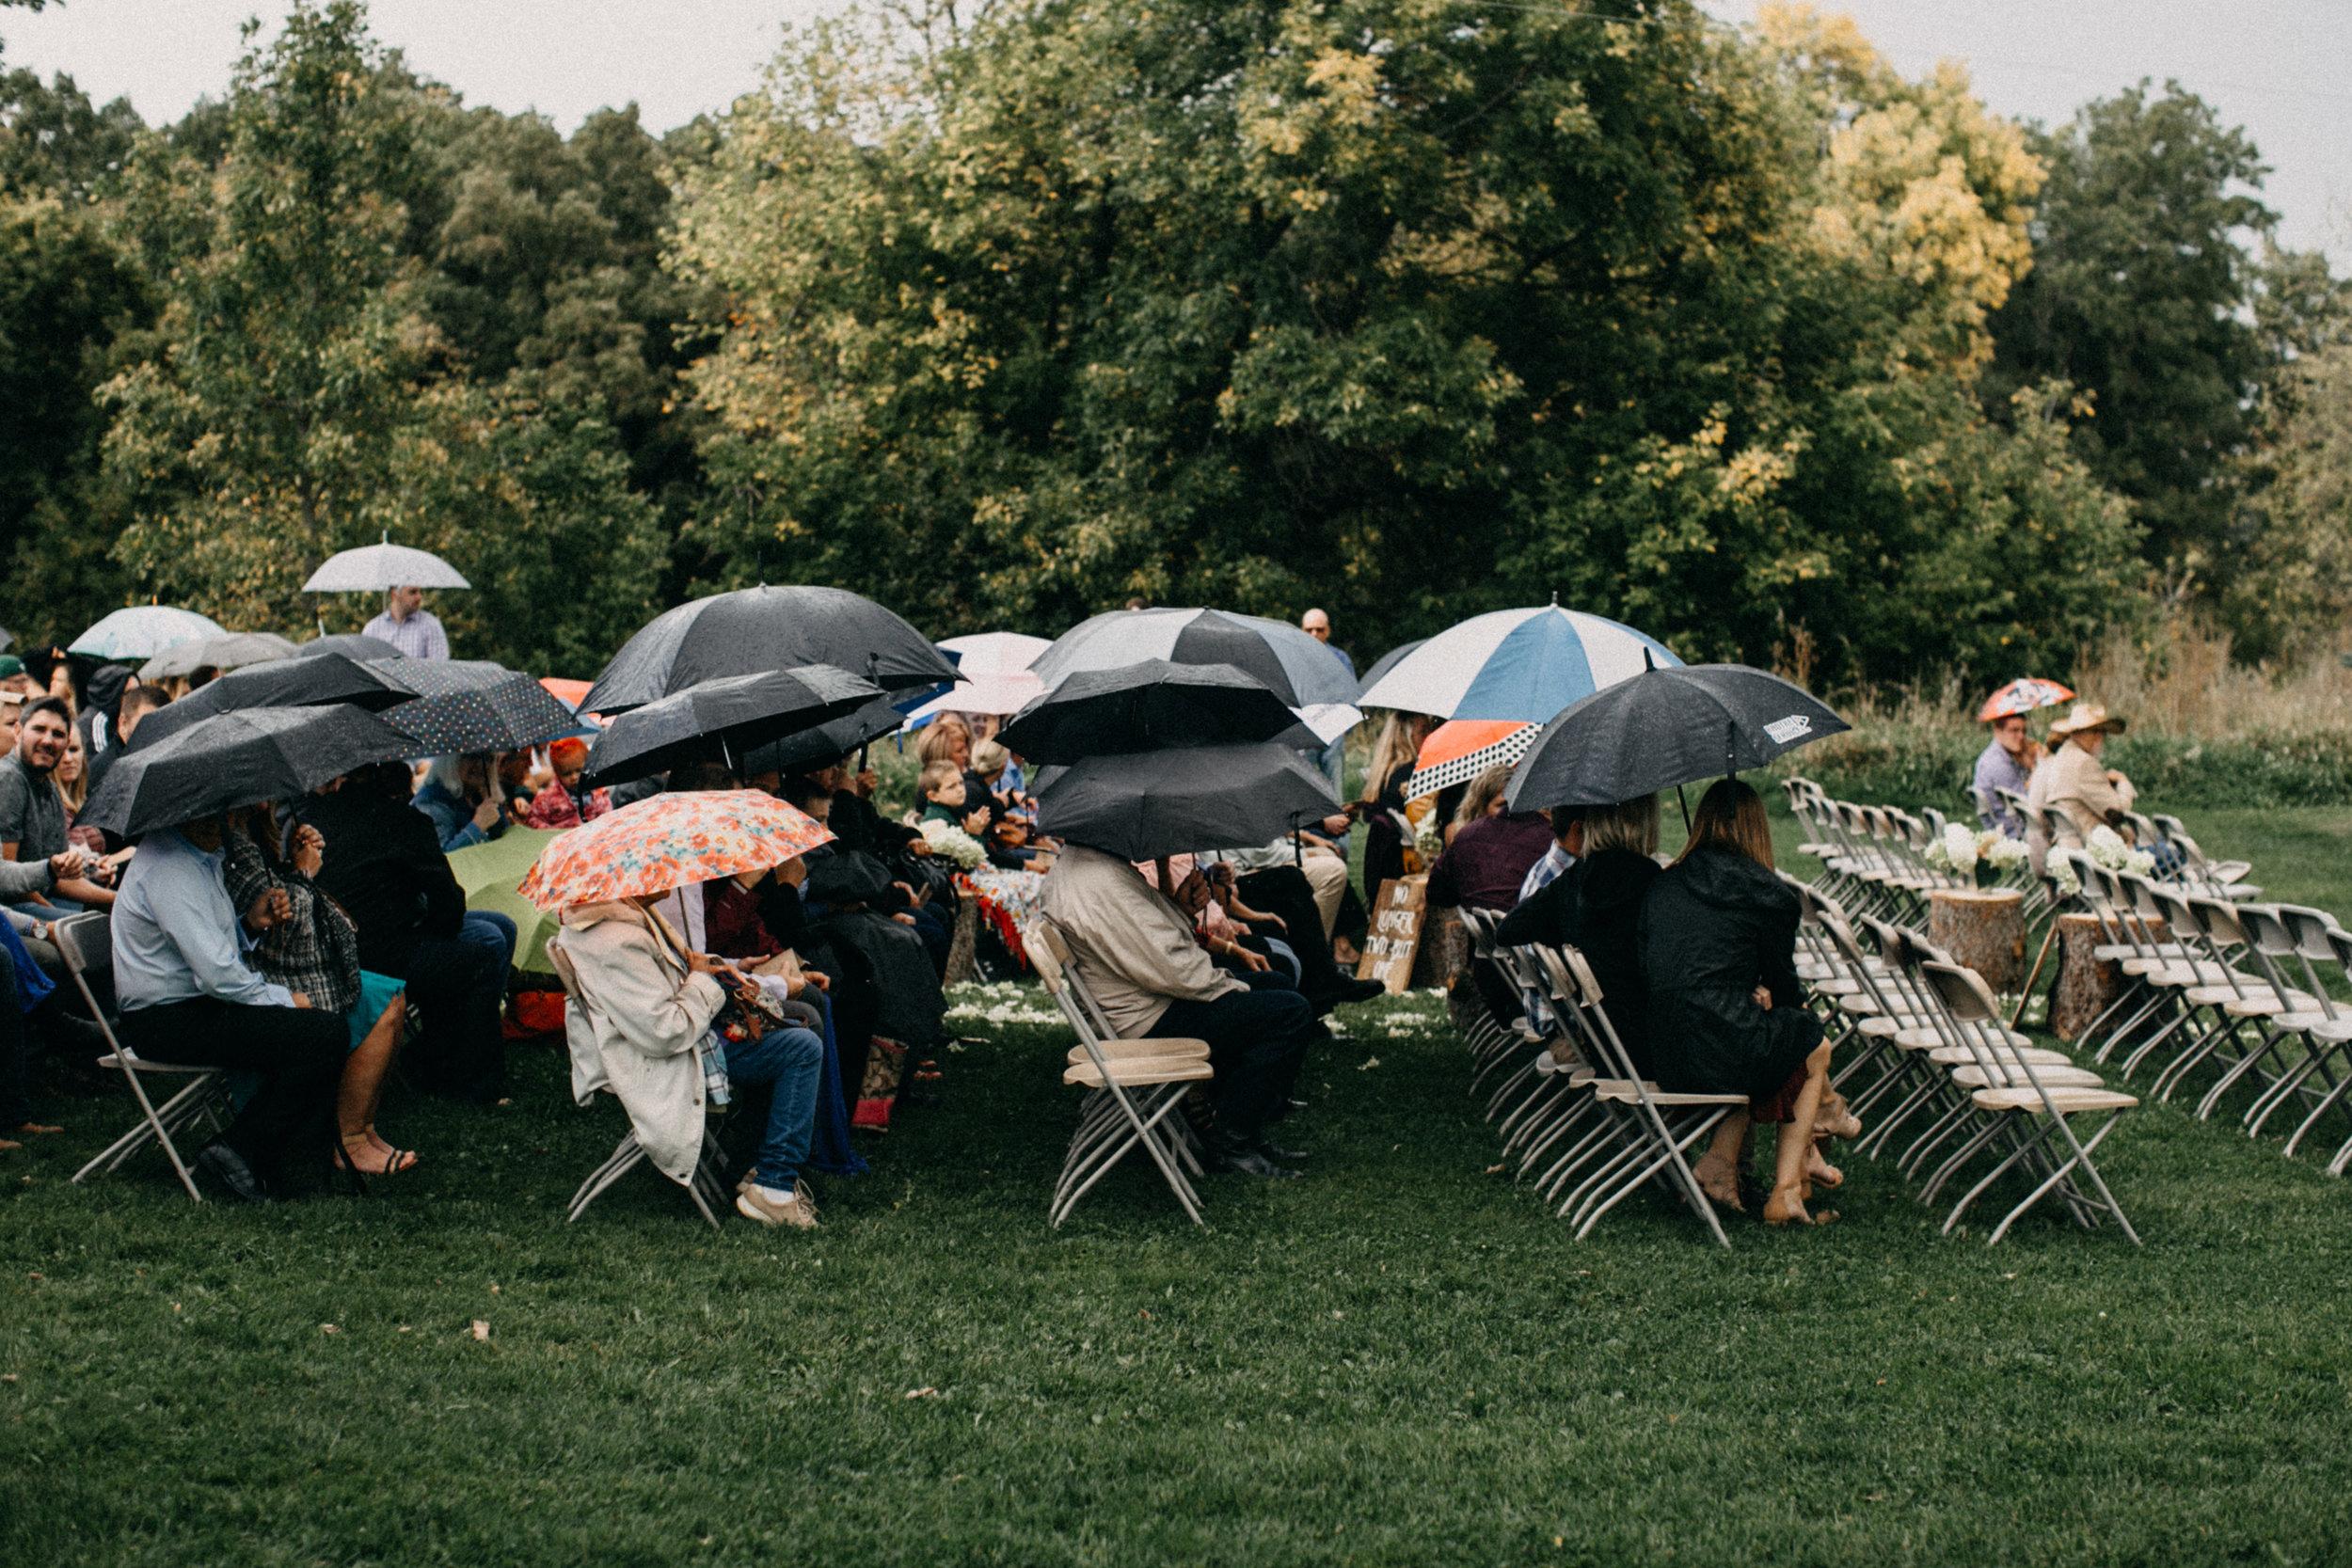 Rainy backyard wedding ceremony in Brainerd Minnesota